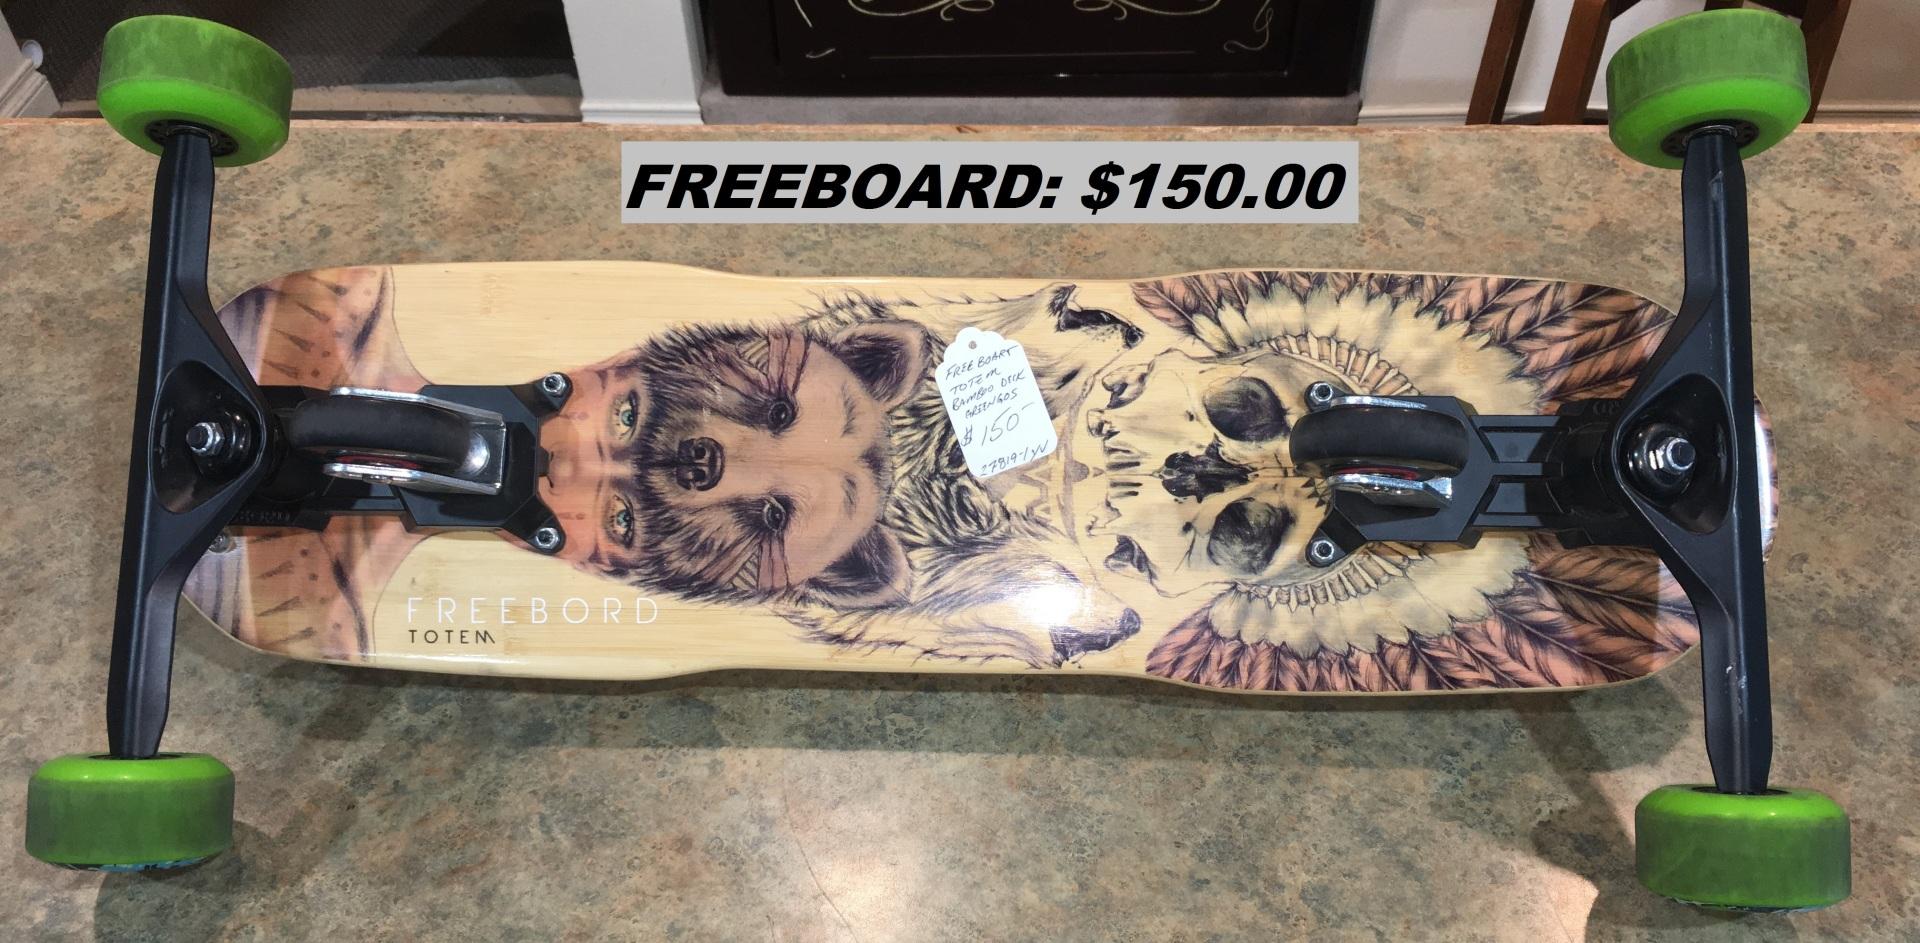 Freeboard